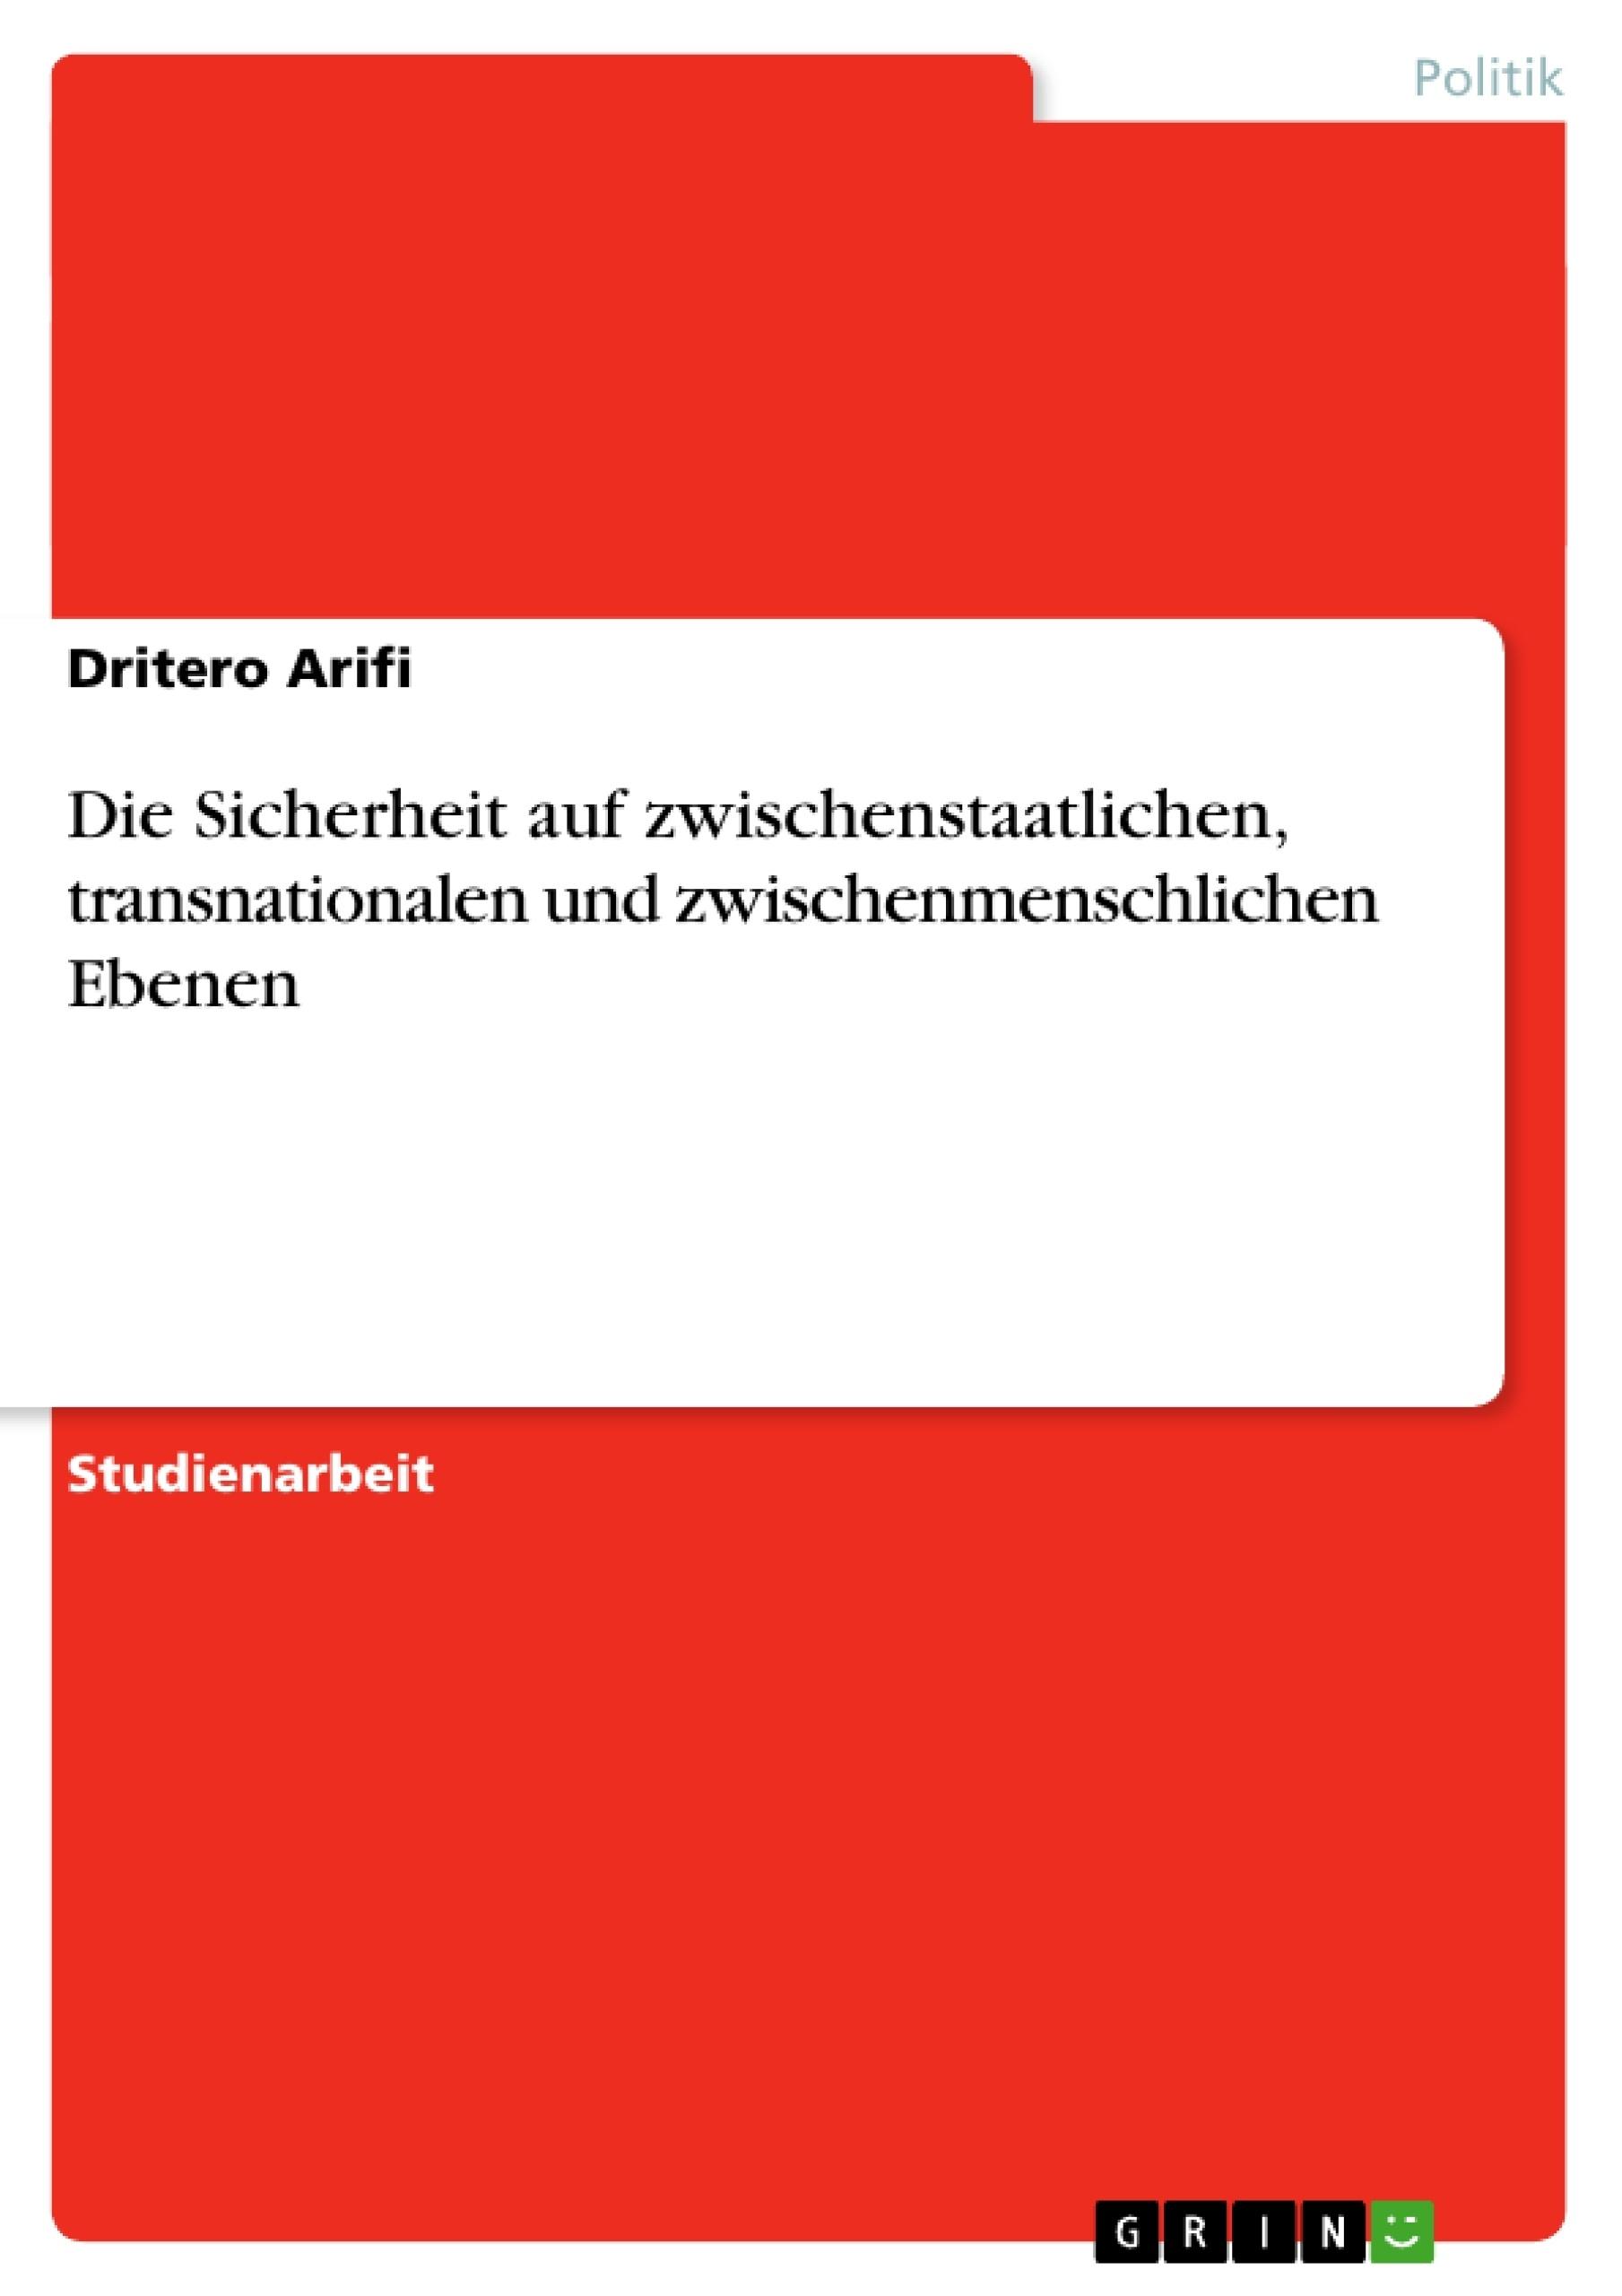 Titel: Die Sicherheit auf  zwischenstaatlichen, transnationalen und zwischenmenschlichen Ebenen